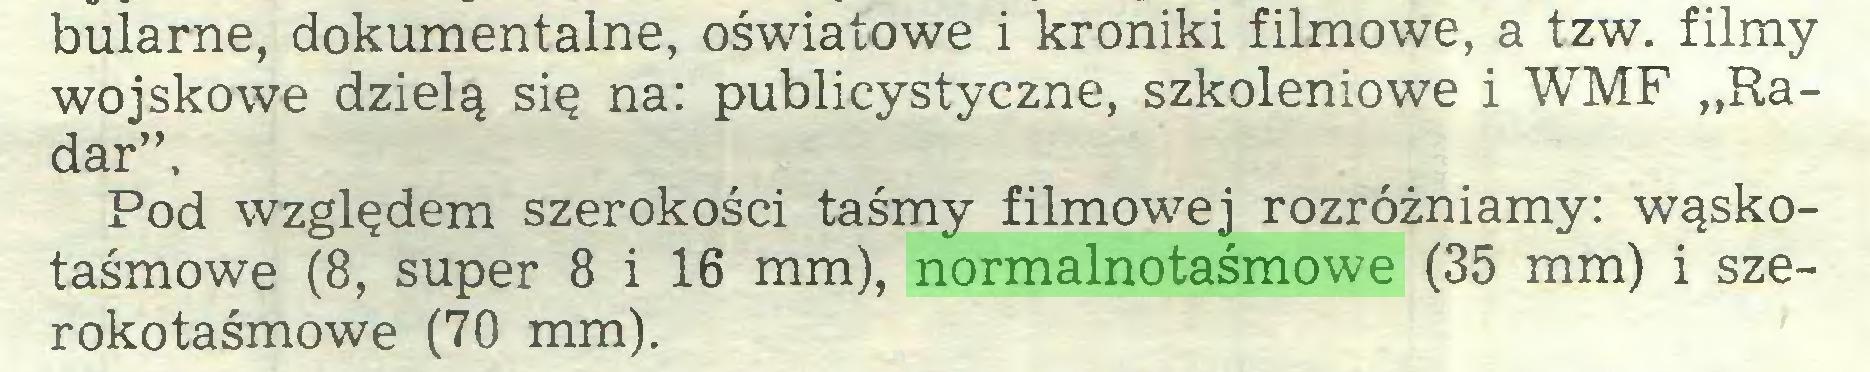 """(...) bularne, dokumentalne, oświatowe i kroniki filmowe, a tzw. filmy wojskowe dzielą się na: publicystyczne, szkoleniowe i WMF """"Radar"""", Pod względem szerokości taśmy filmowej rozróżniamy: wąskotaśmowe (8, super 8 i 16 mm), normalnotaśmowe (35 mm) i szerokotaśmowe (70 mm)..."""